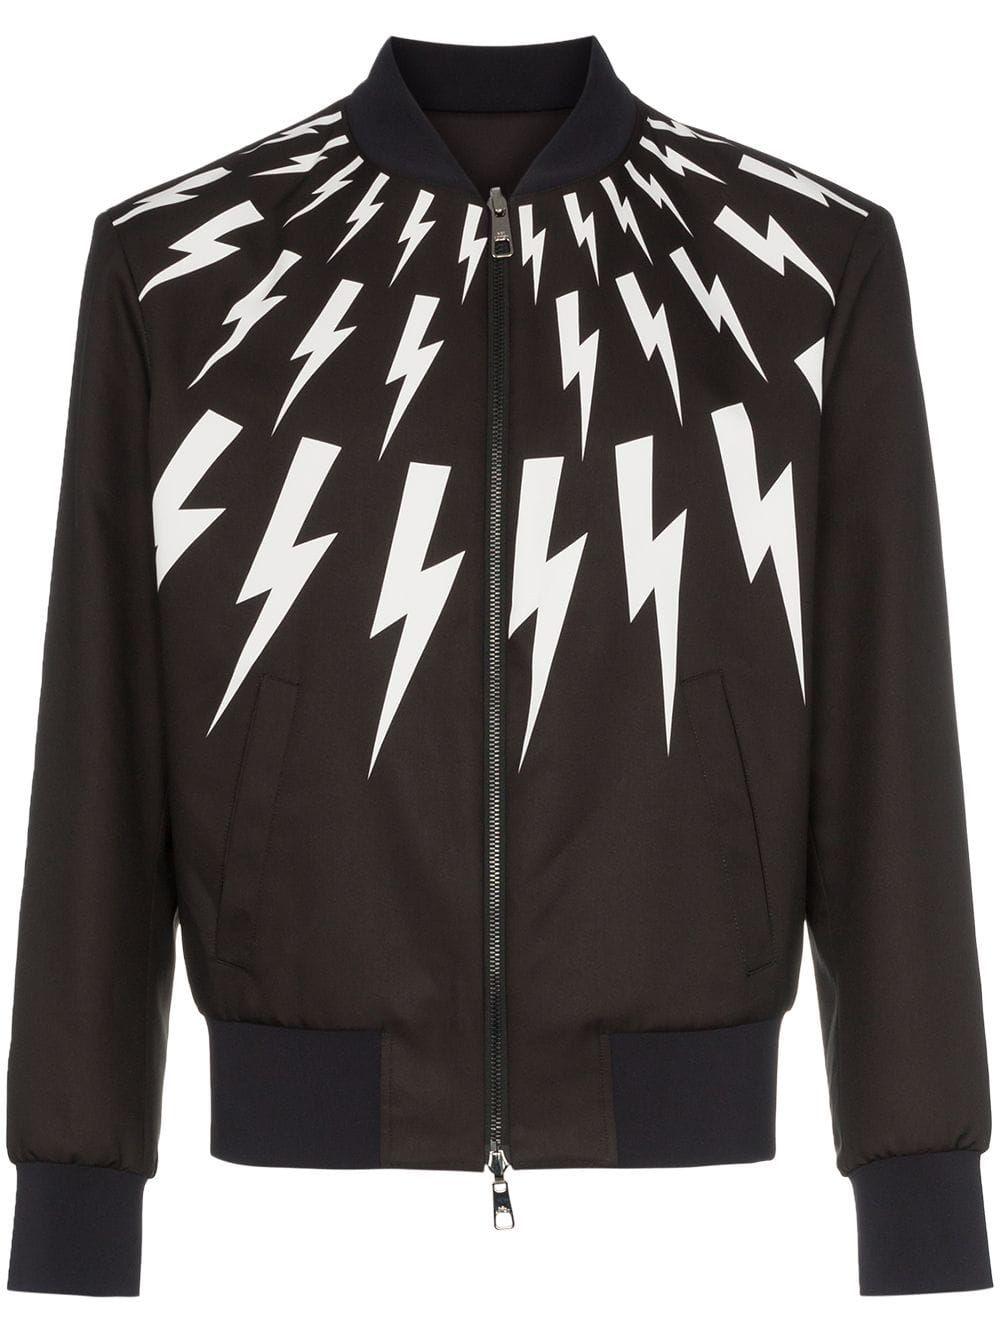 6735fcb40 Neil Barrett lightning bolt print reversible bomber jacket - Black ...